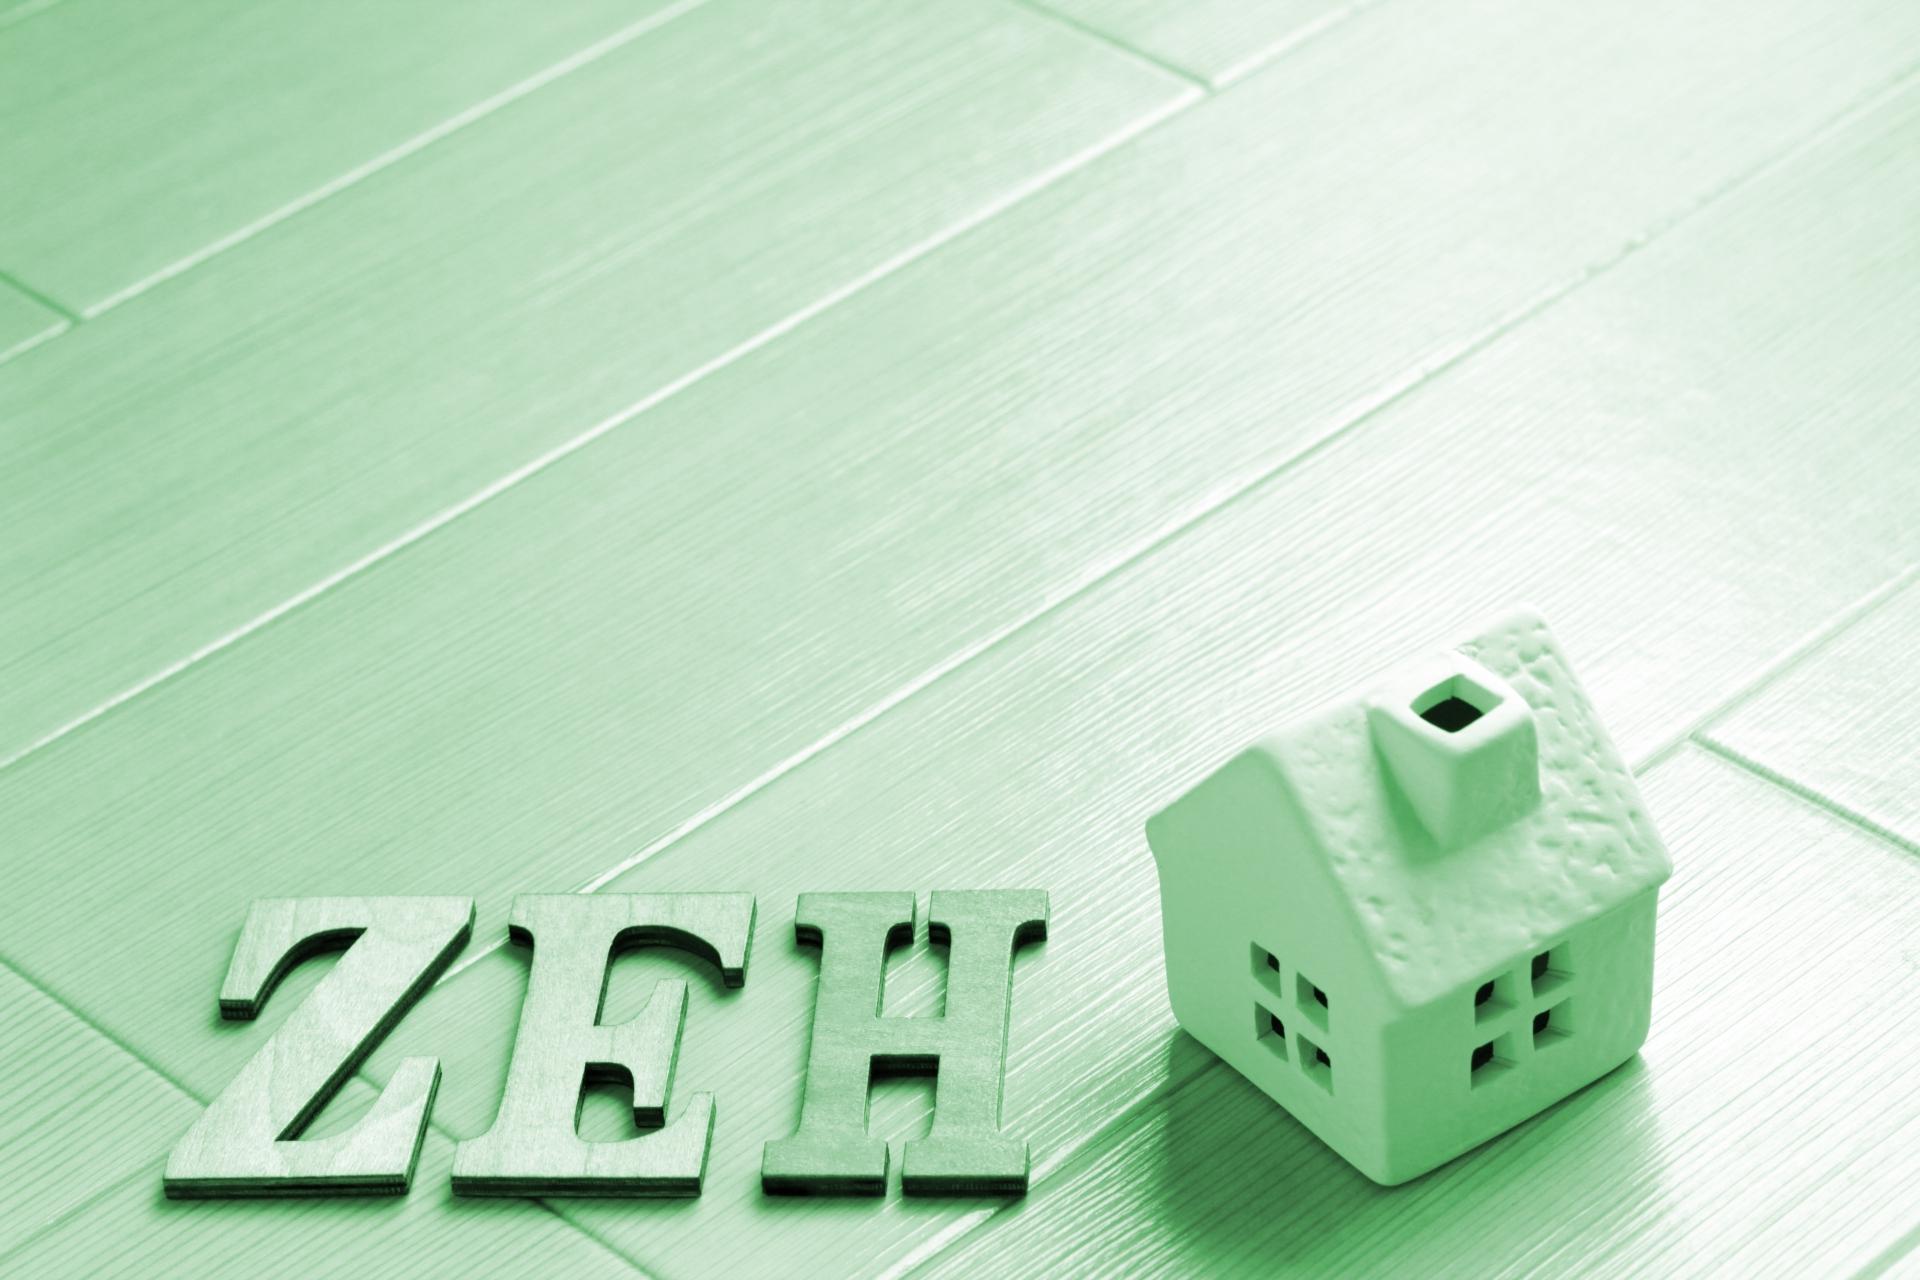 エコ住宅ゼッチのイメージ画像